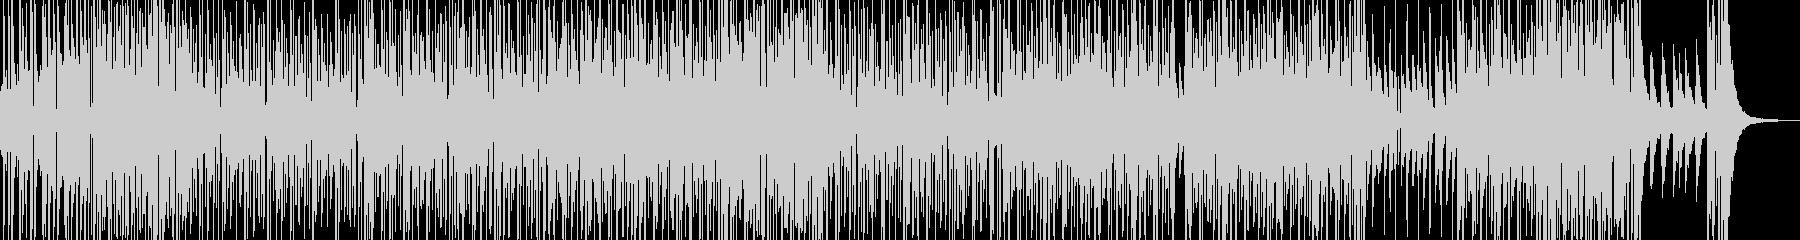 ファンキーで切ない雰囲気のR&B Aの未再生の波形